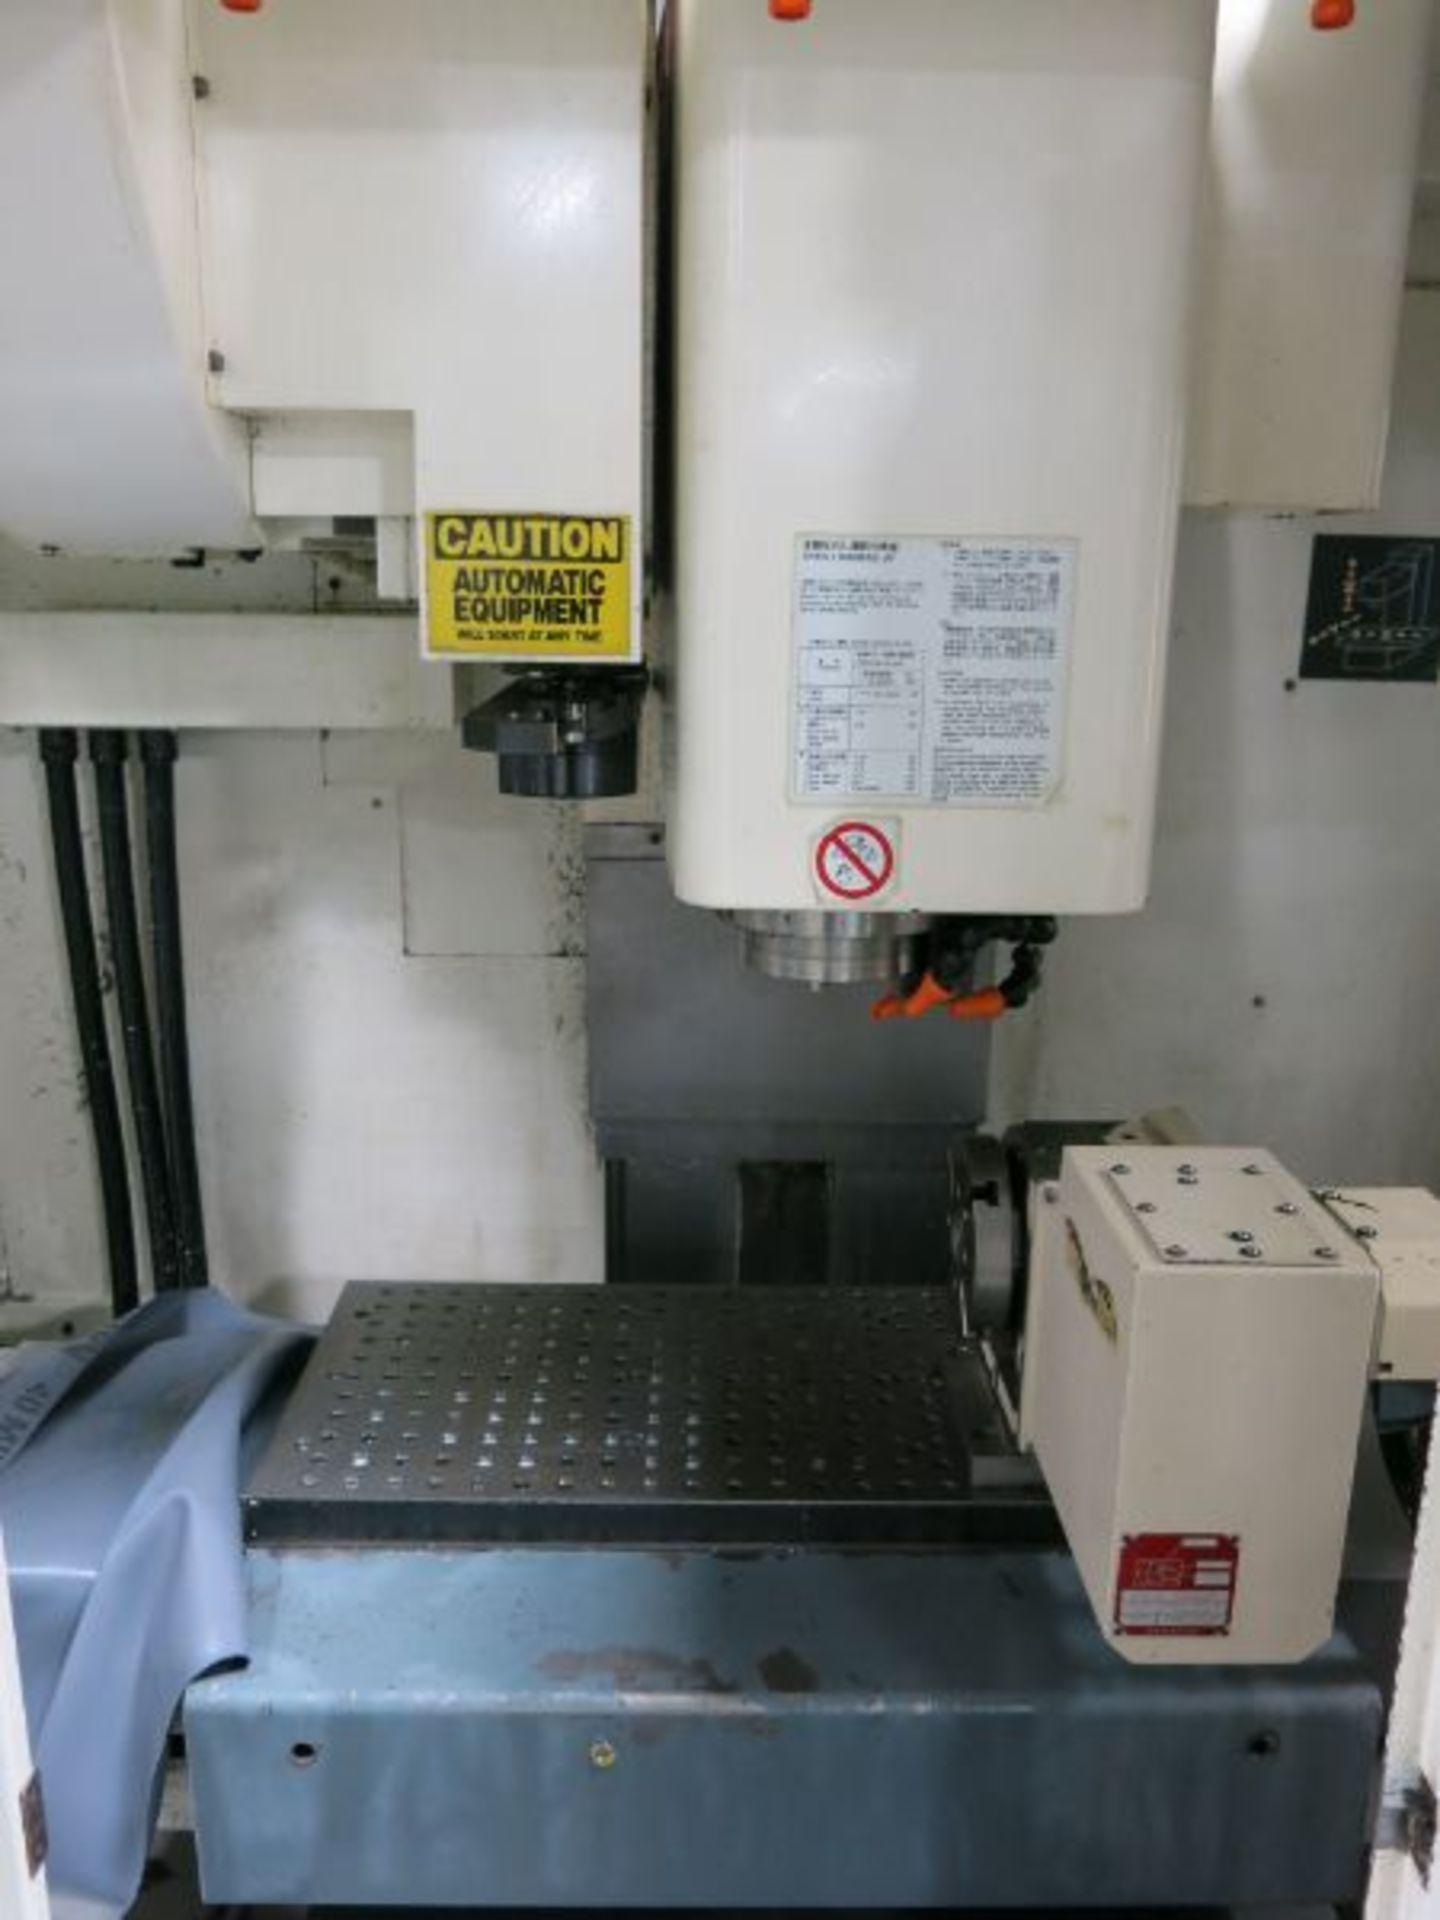 2001 Kitamura Mycenter 2XI CNC VMC - Image 2 of 5